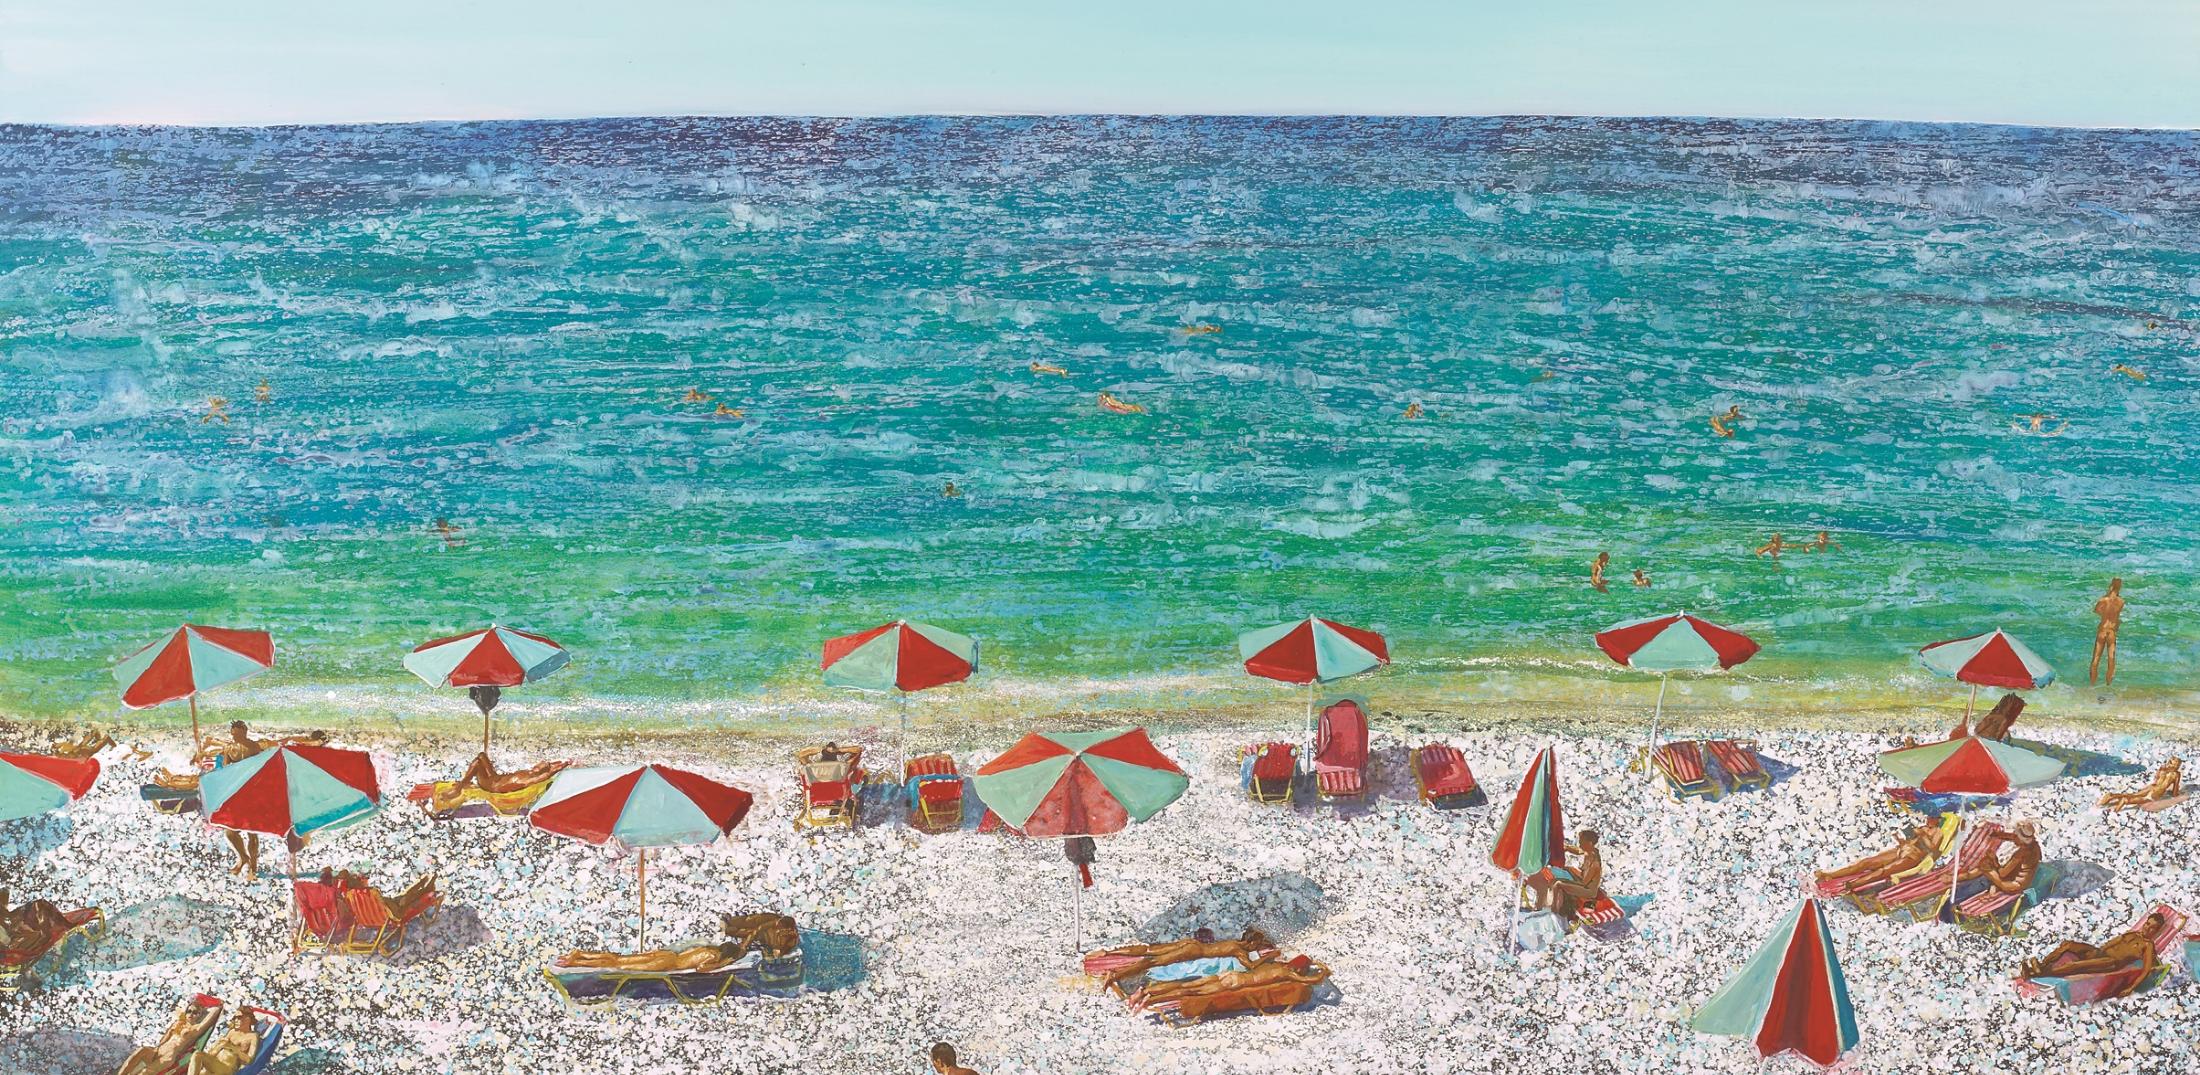 Η θάλασσα στην τέχνη_Παραλία με Ομπρέλες_Μαρία Φιλοπούλου